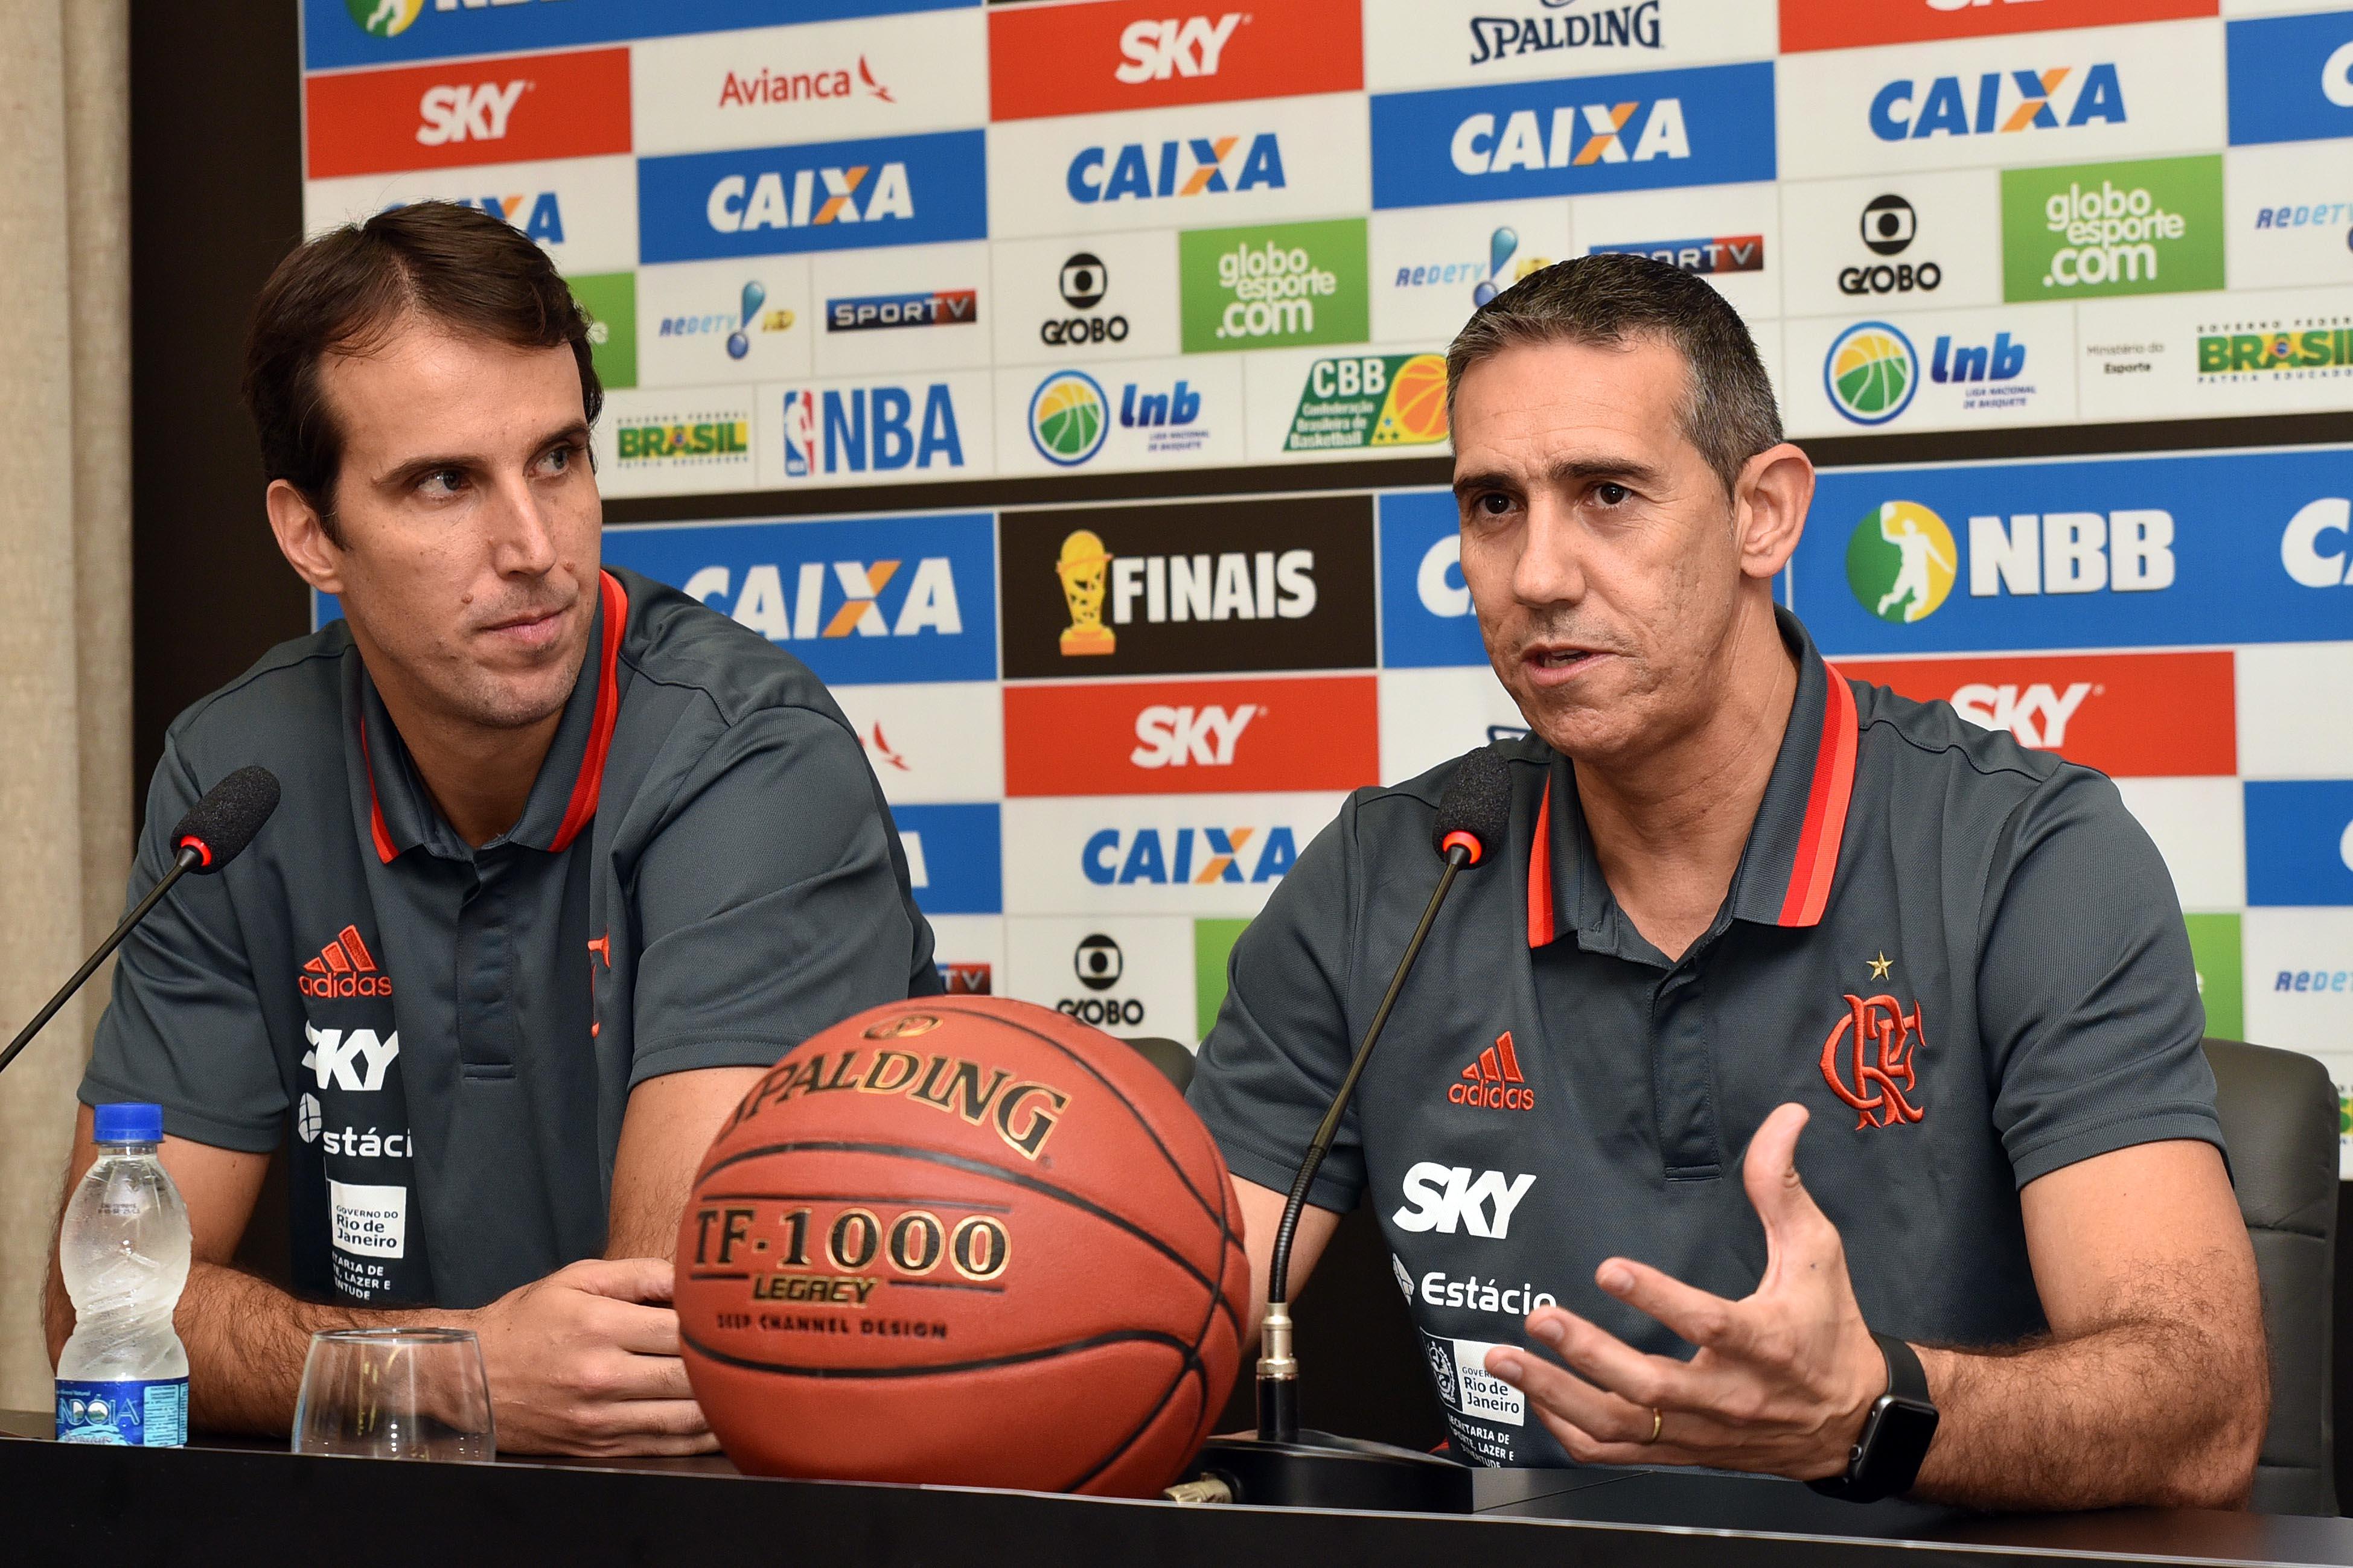 José Neto e Marcelinho Machado, do Flamengo